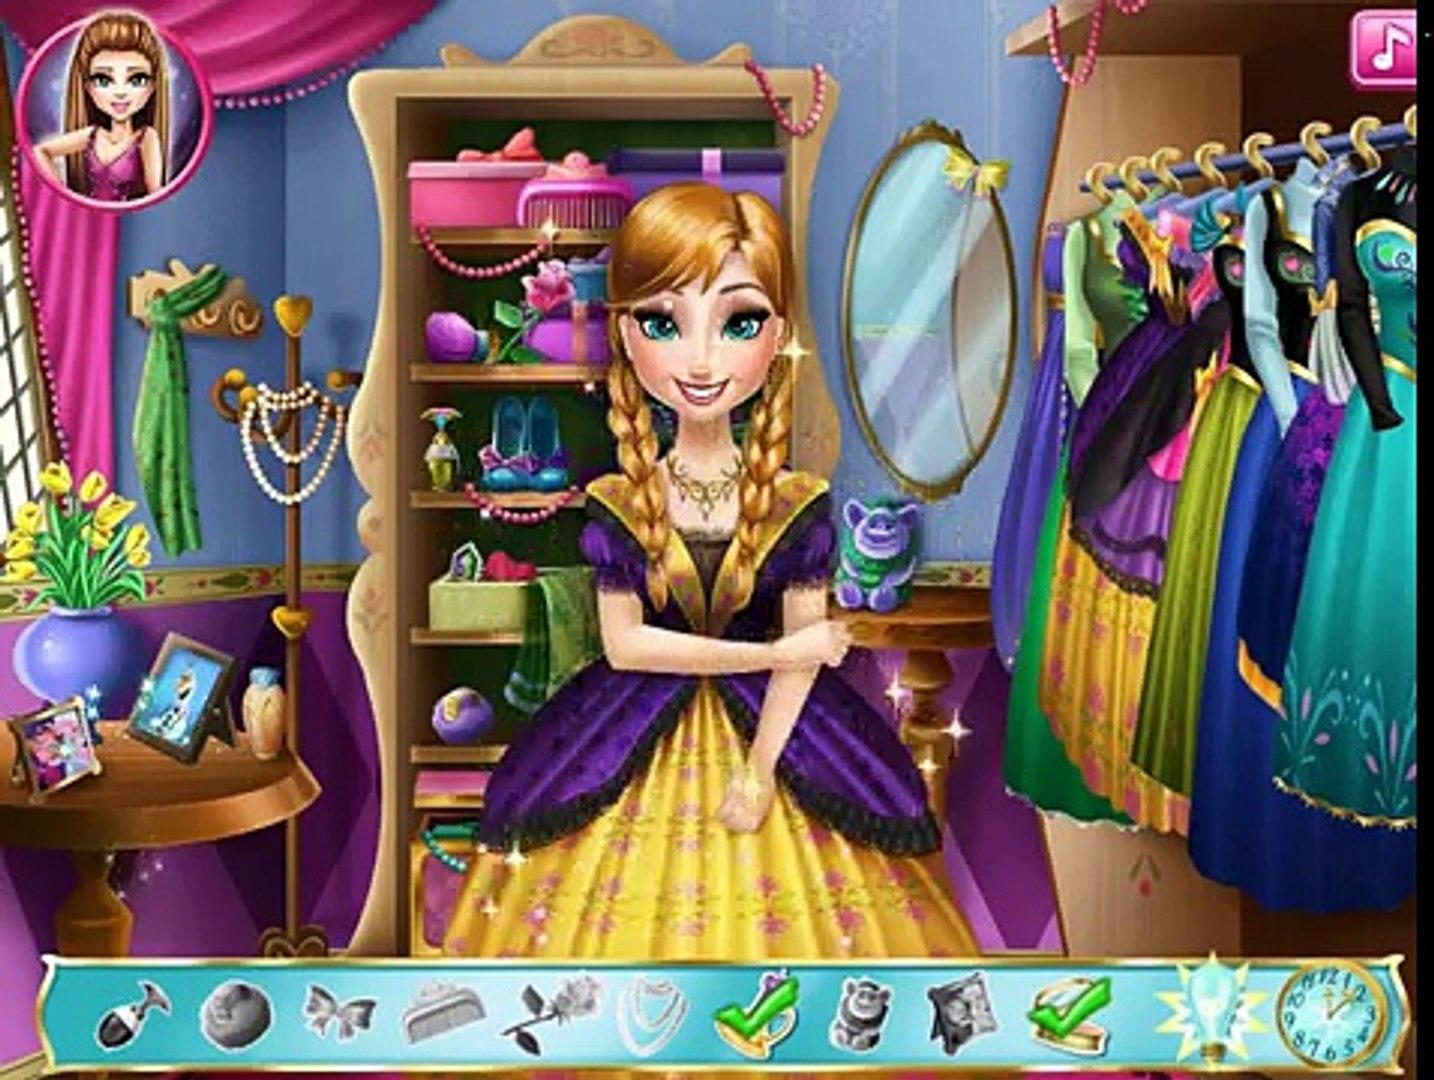 Анна Frozen Игры—Одевалки Анна из Холодное сердце—Онлайн Видео Игры Для Детей Мультфильм new